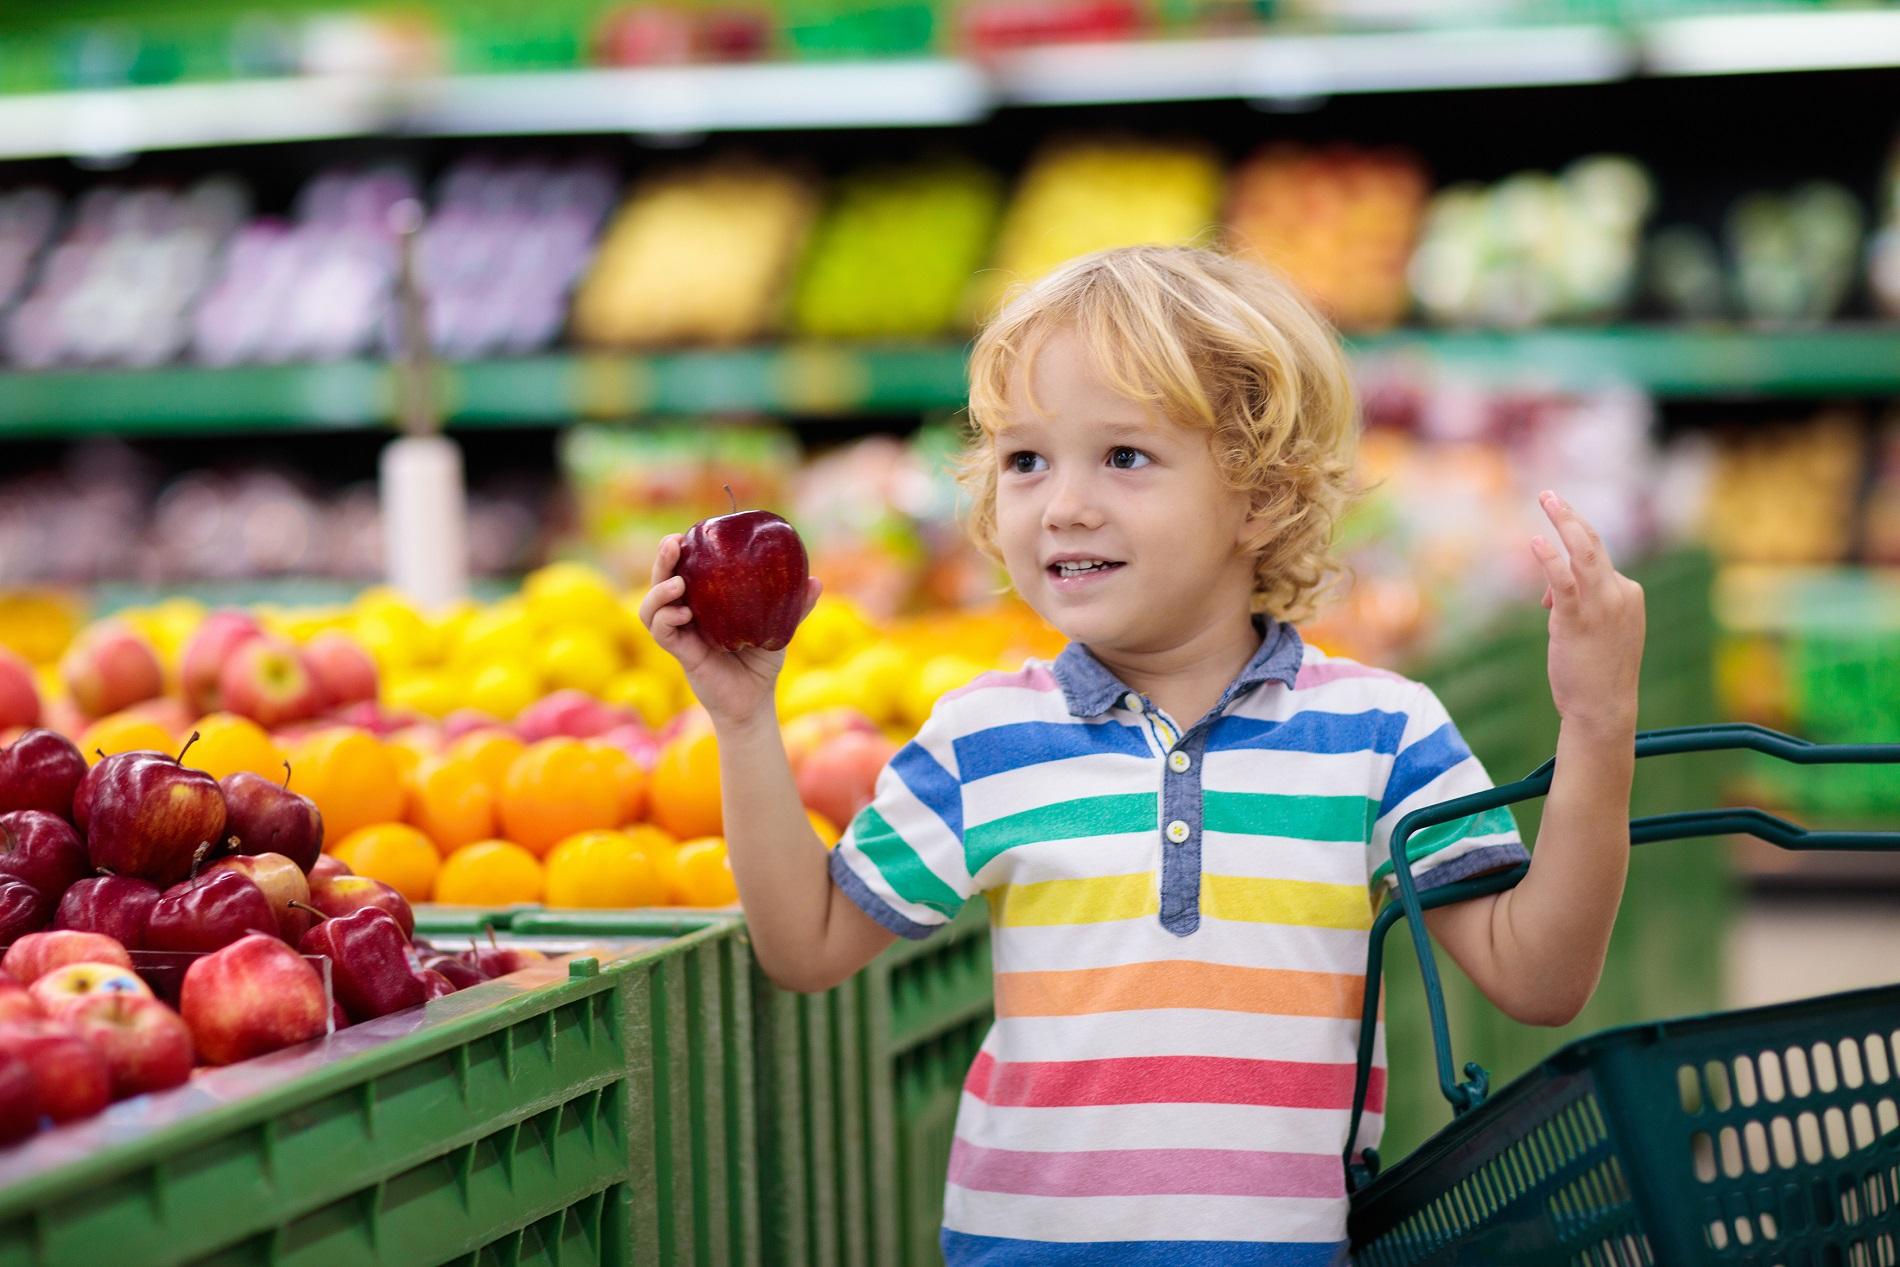 La sanidad vegetal como factor clave para garantizar los derechos de los consumidores